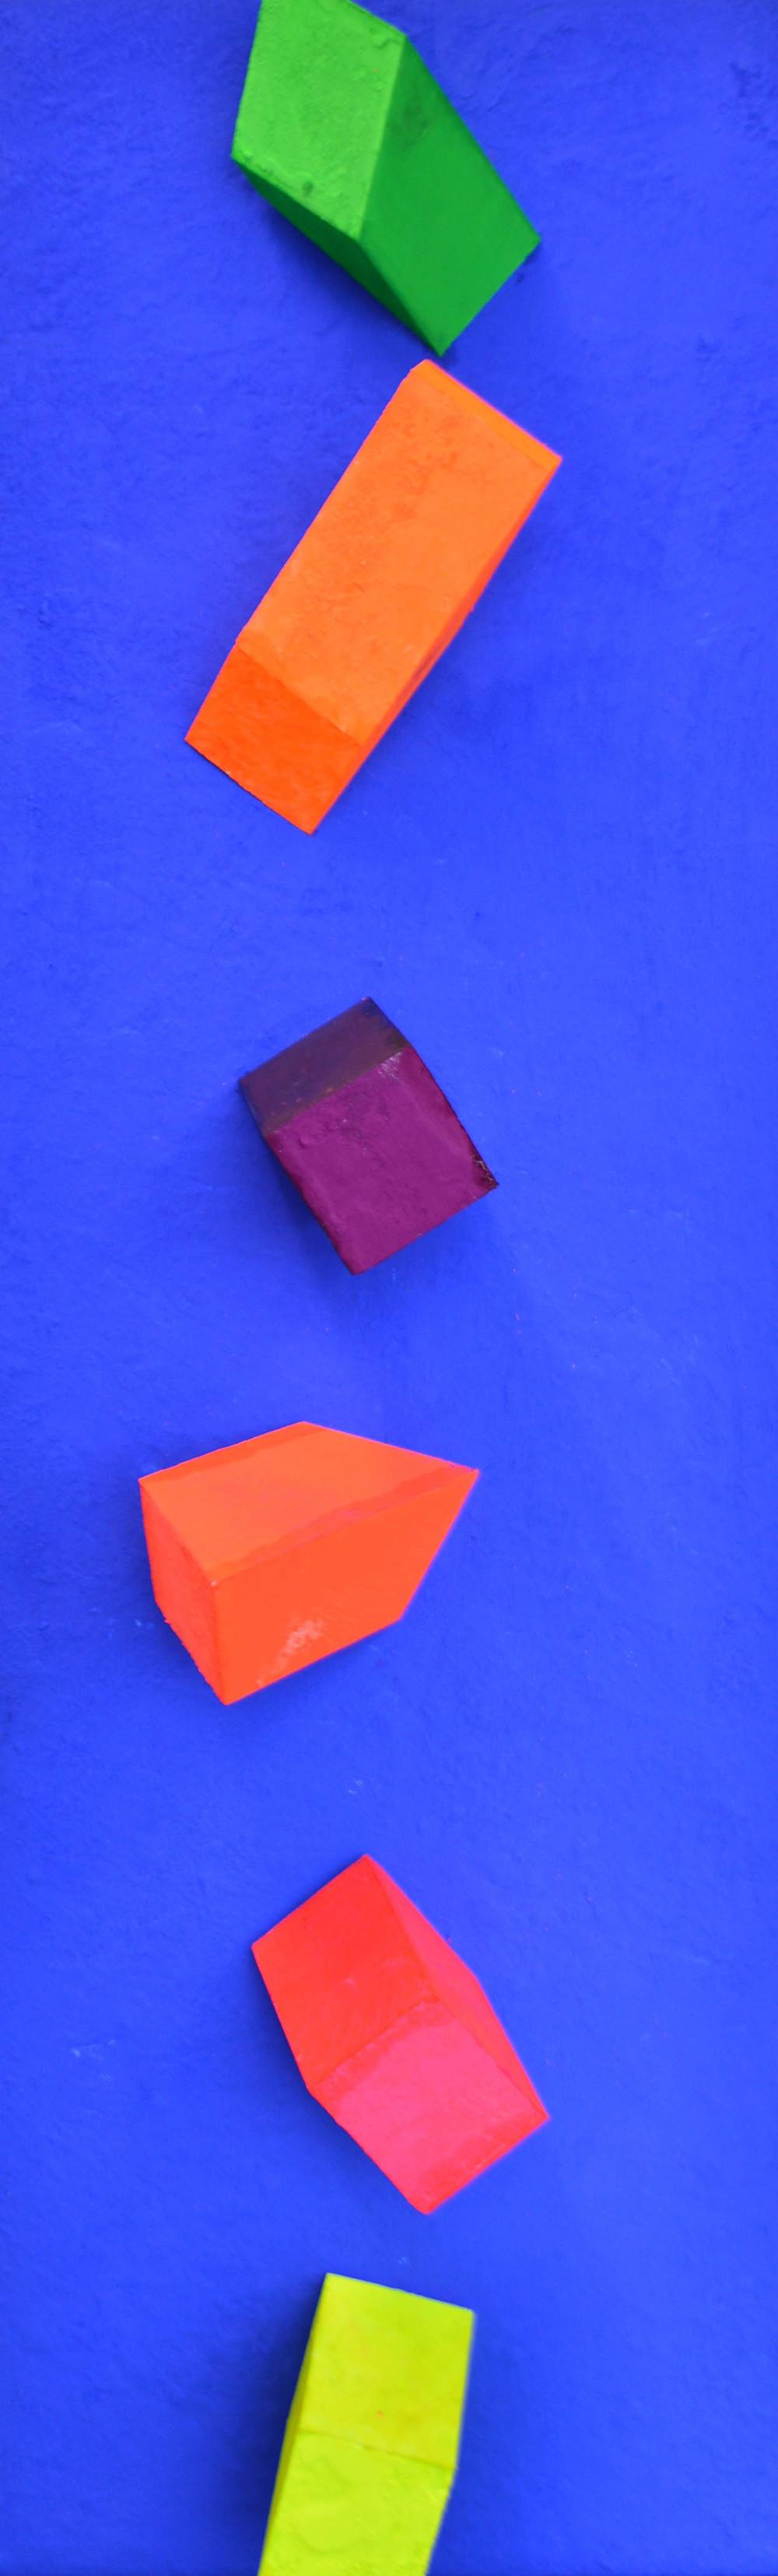 Colour study 3d1.jpg